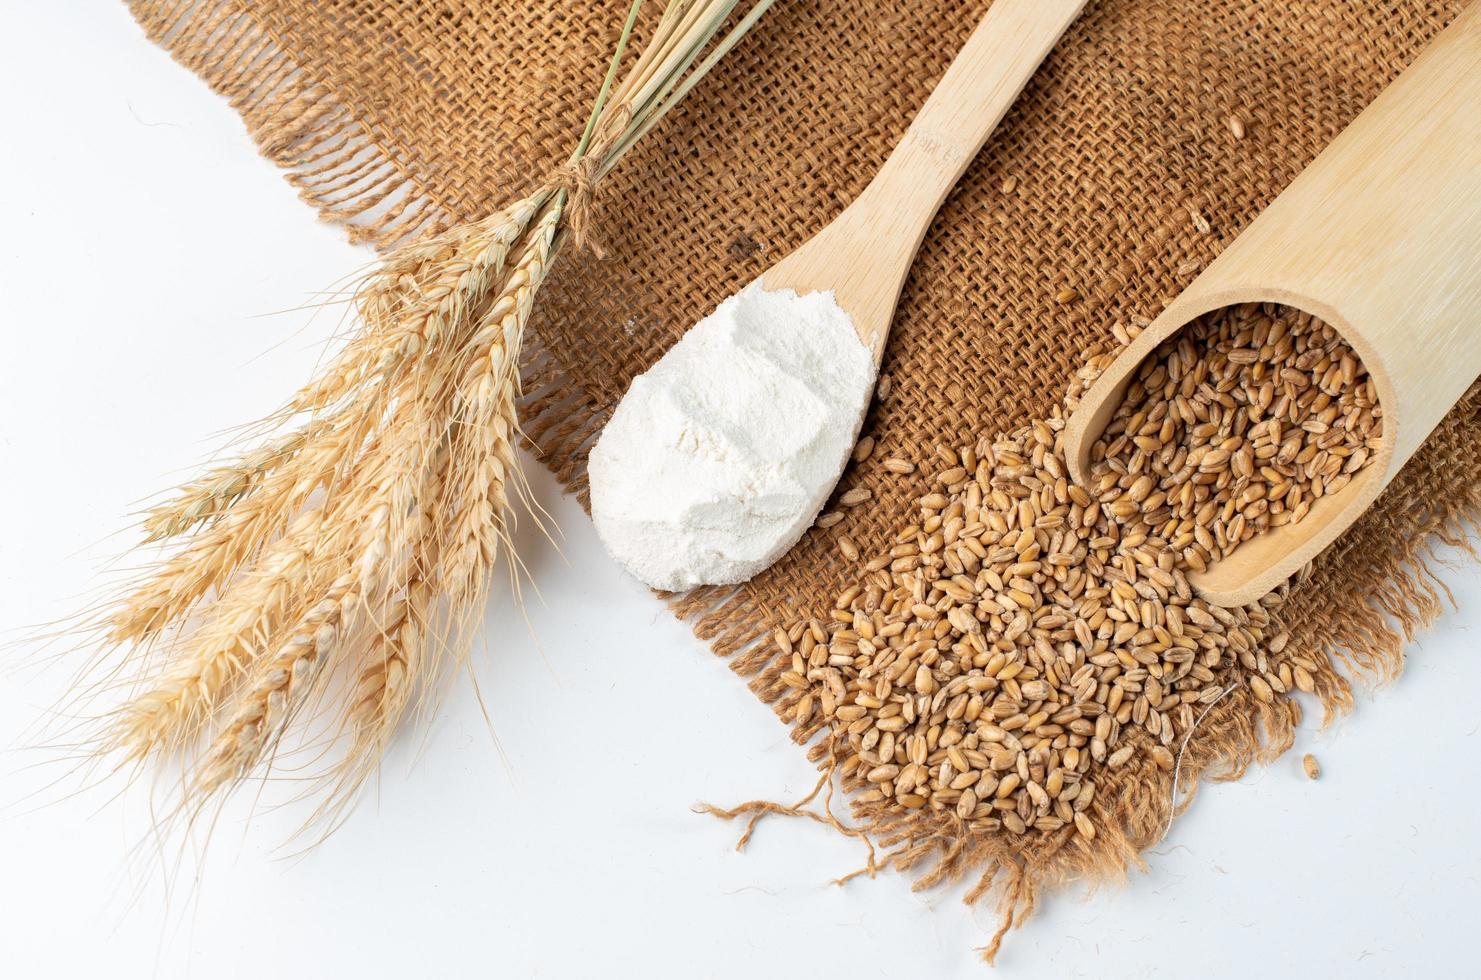 ingredienti di farina e grano per la cottura foto